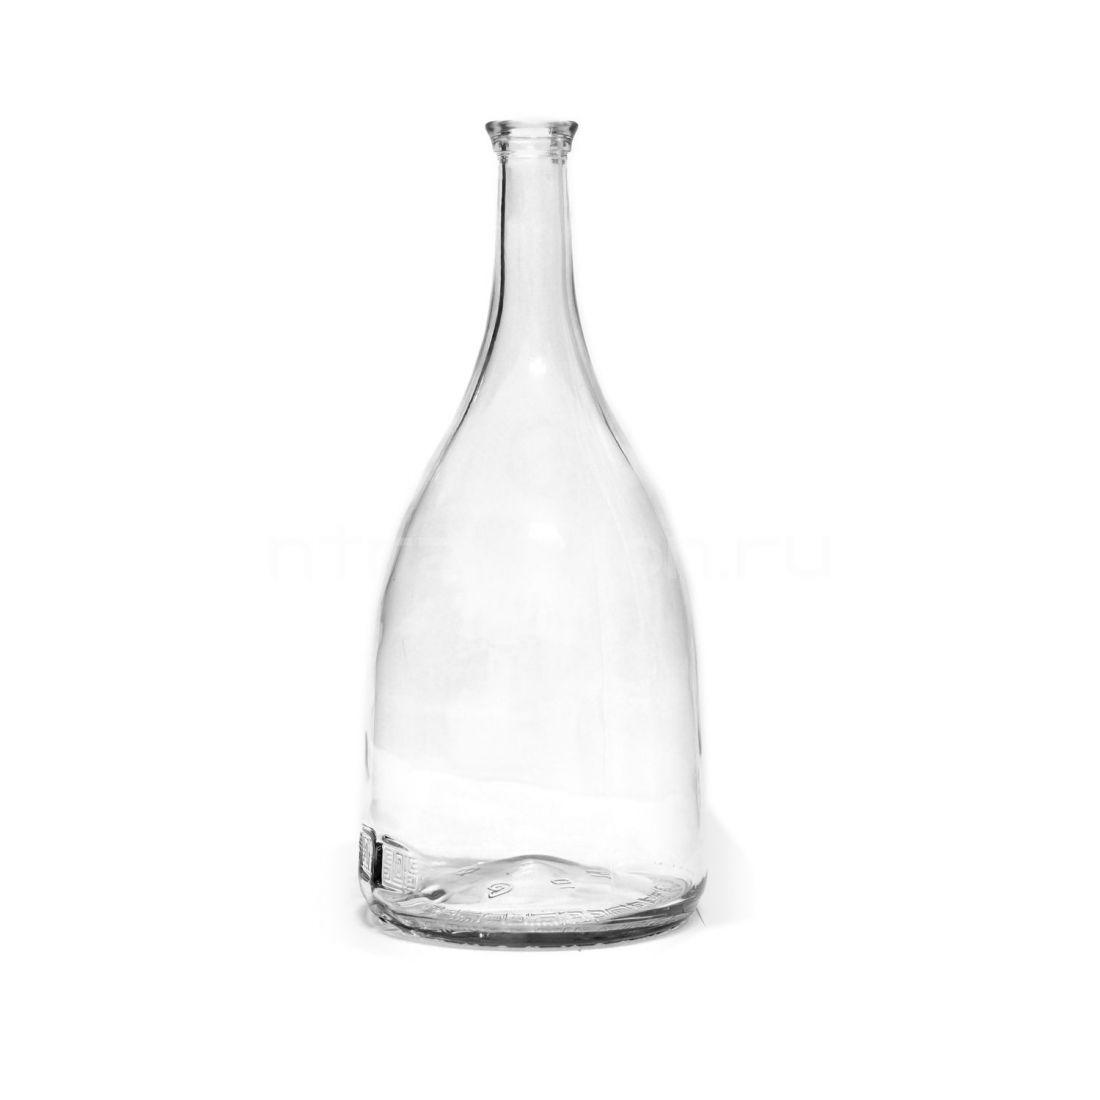 Бутылка Бэлл, 1,5 л / 5 шт (под пробку Камю)